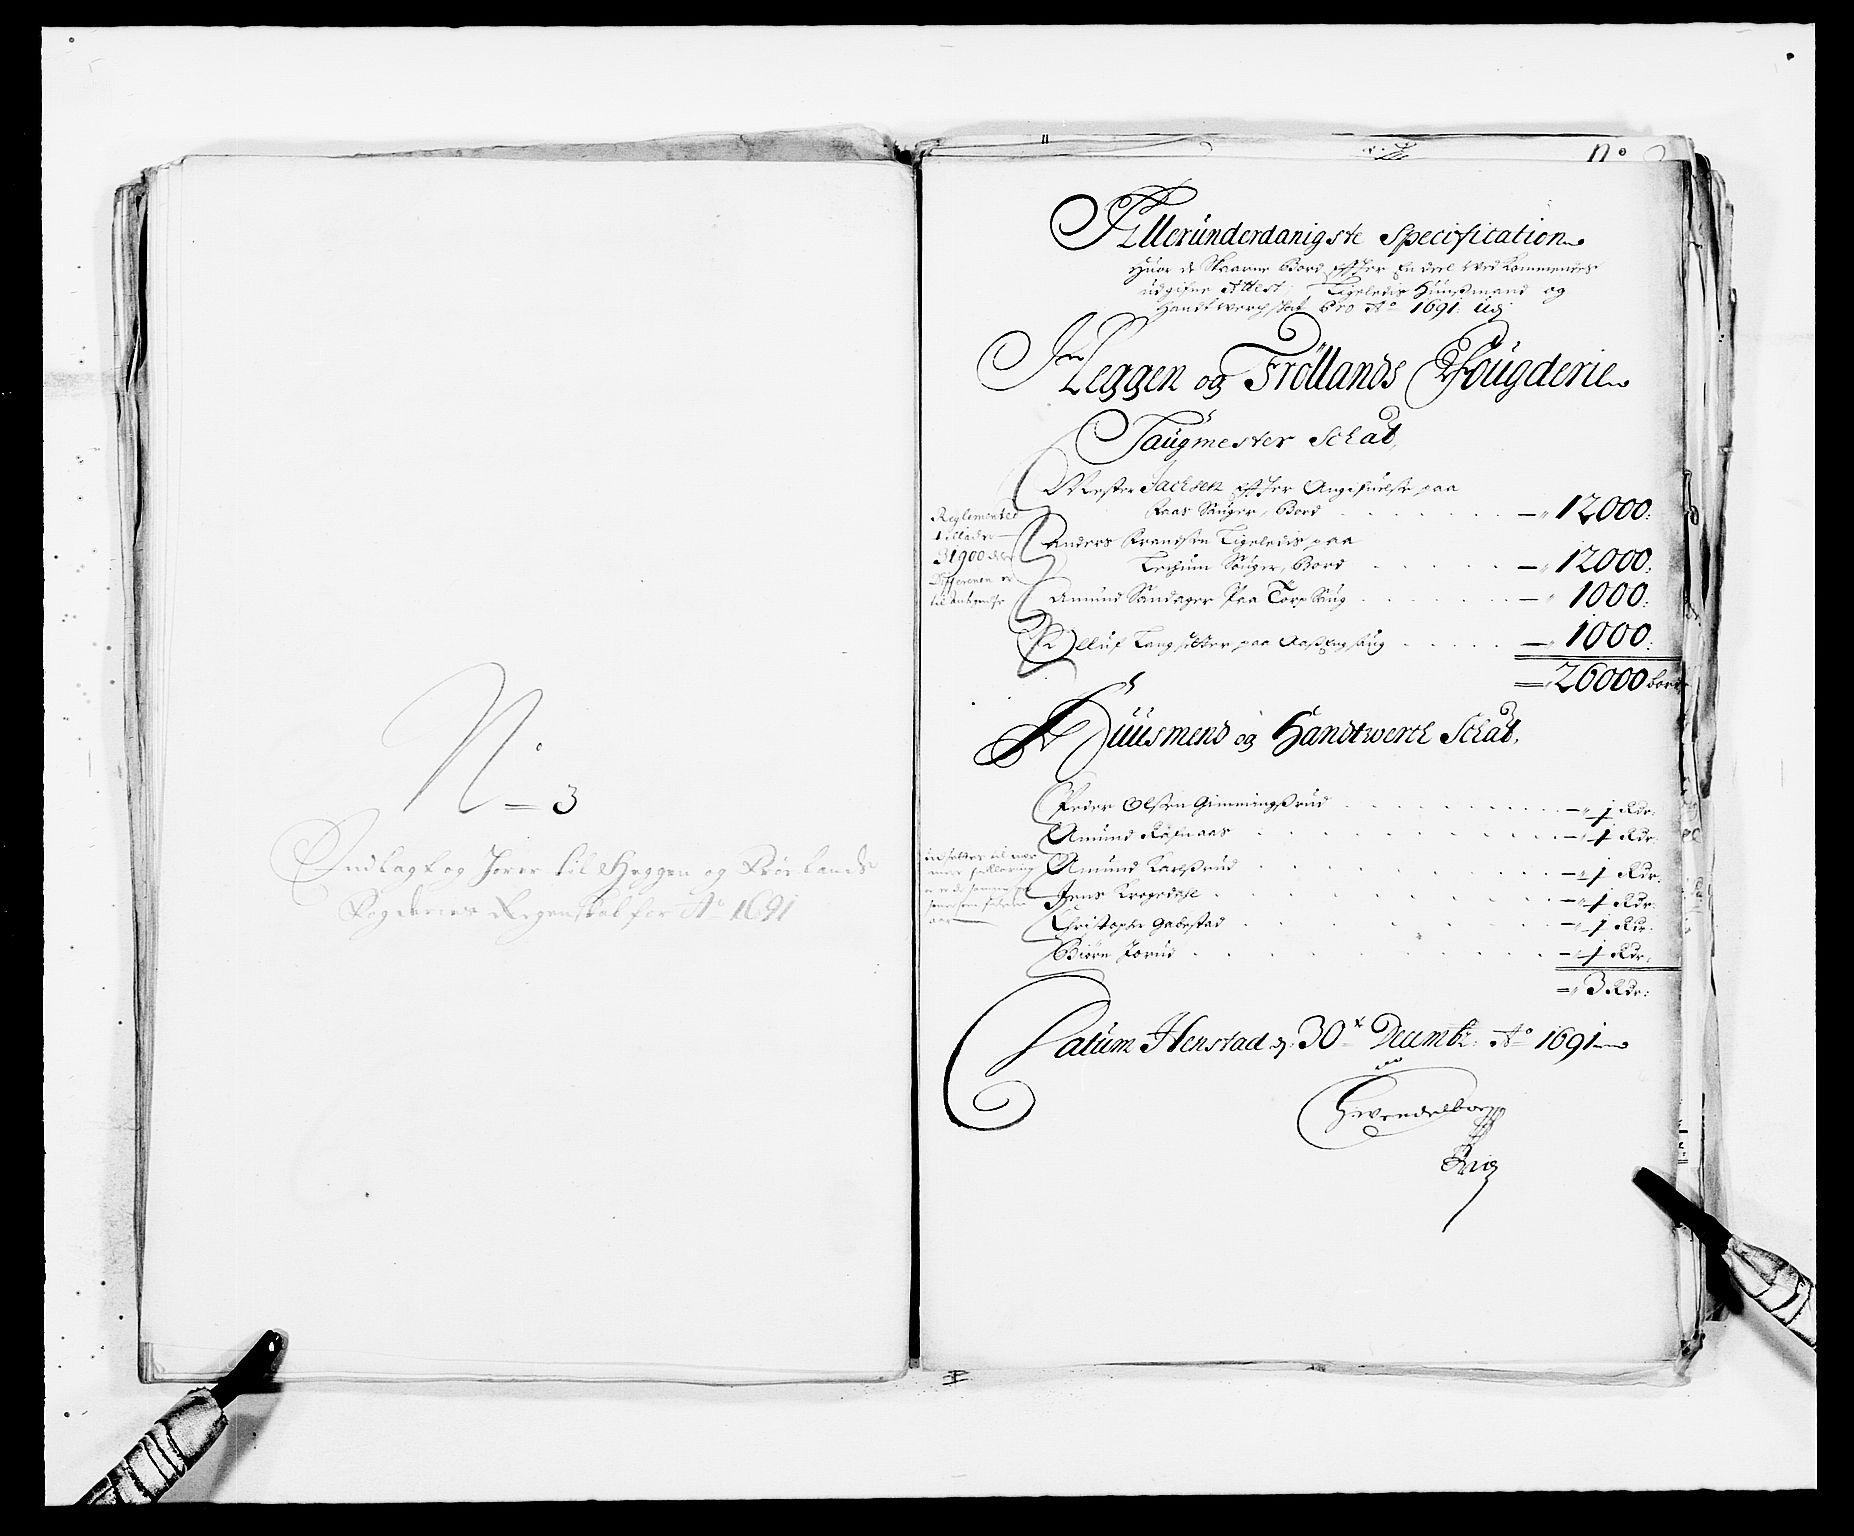 RA, Rentekammeret inntil 1814, Reviderte regnskaper, Fogderegnskap, R06/L0283: Fogderegnskap Heggen og Frøland, 1691-1693, s. 66